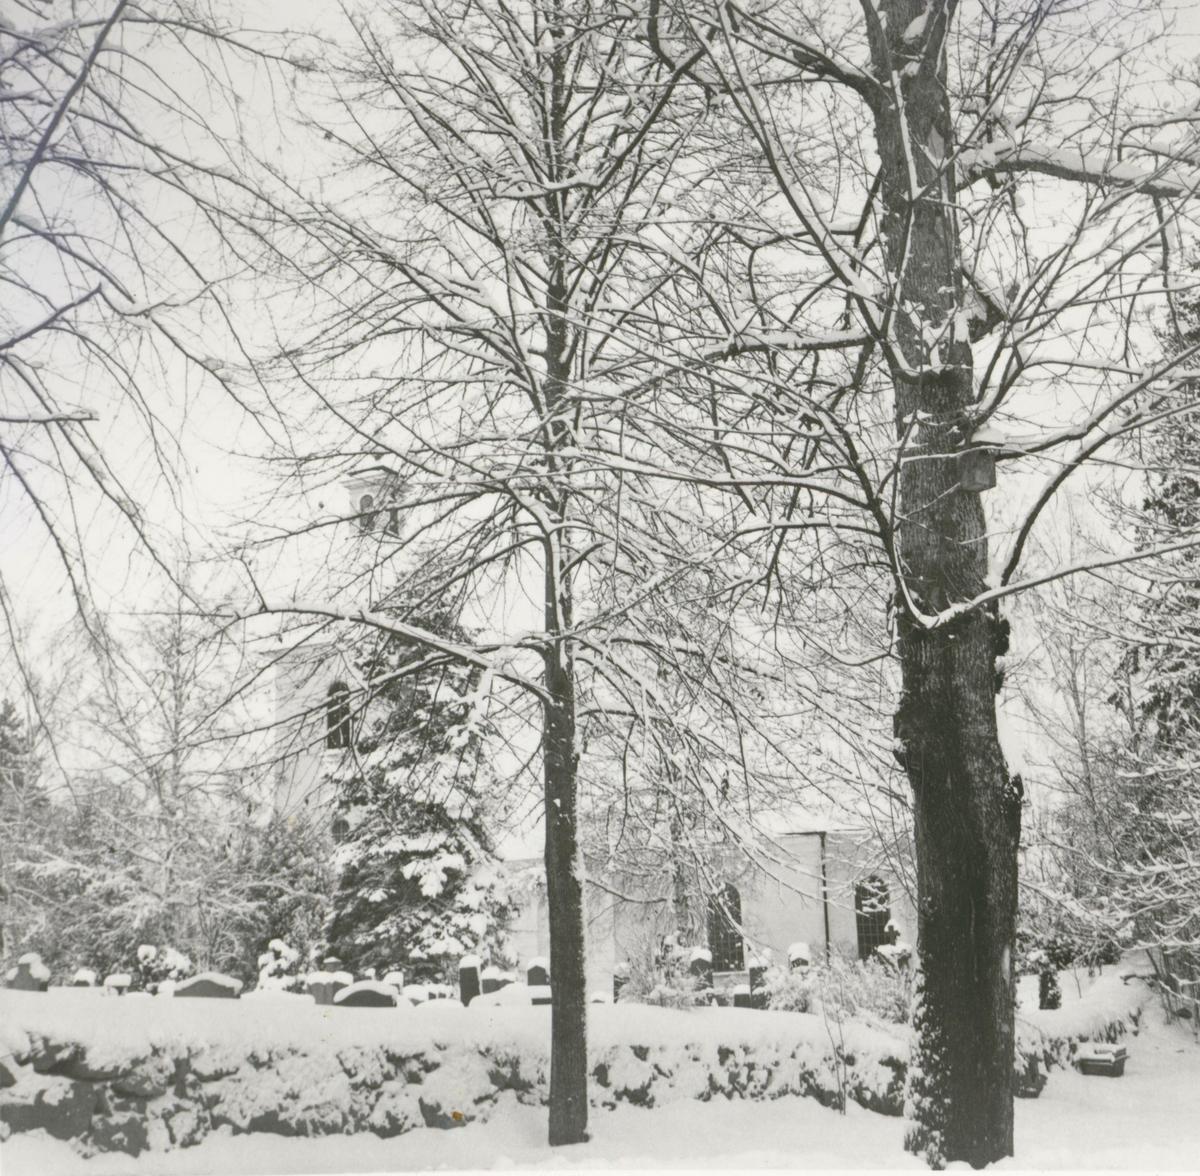 Foto från sydöstra sidan, taget före avverkningen i mars 1969.